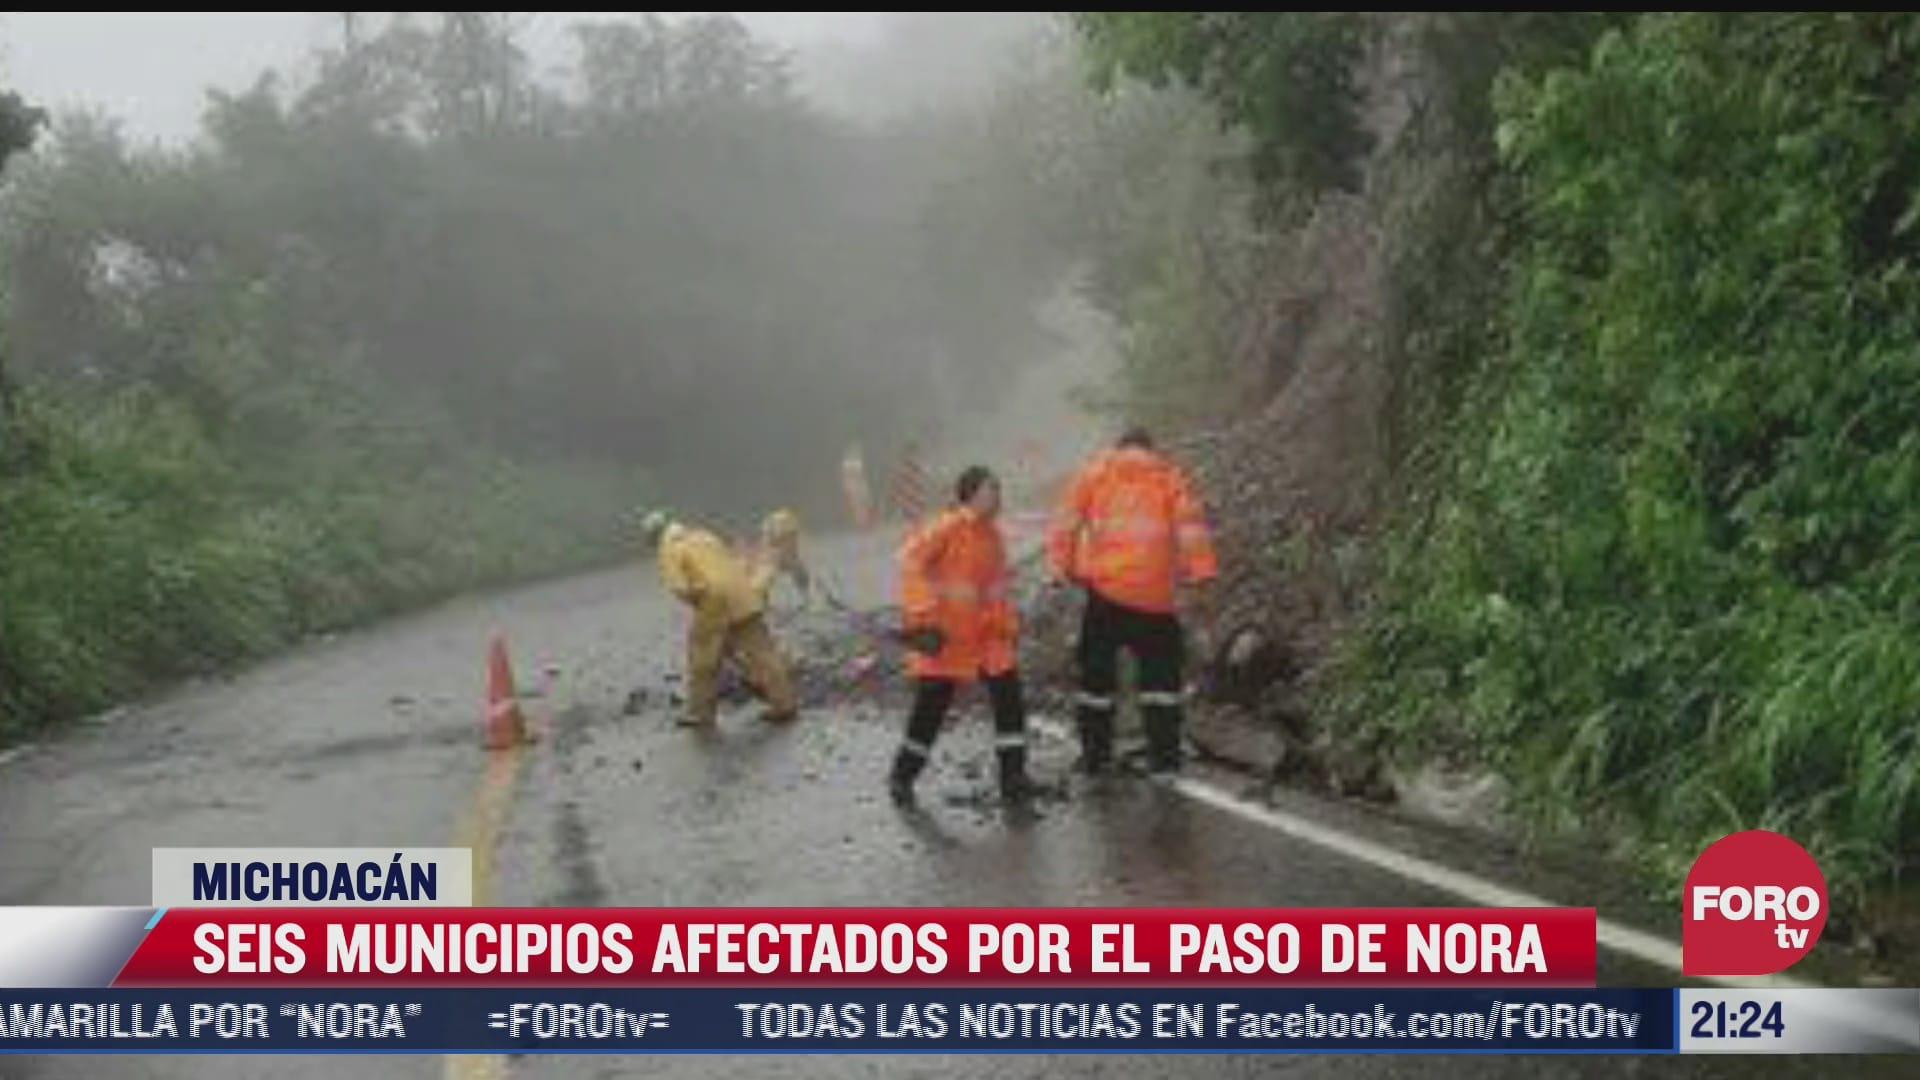 suman 6 municipios con danos por nora en michoacan